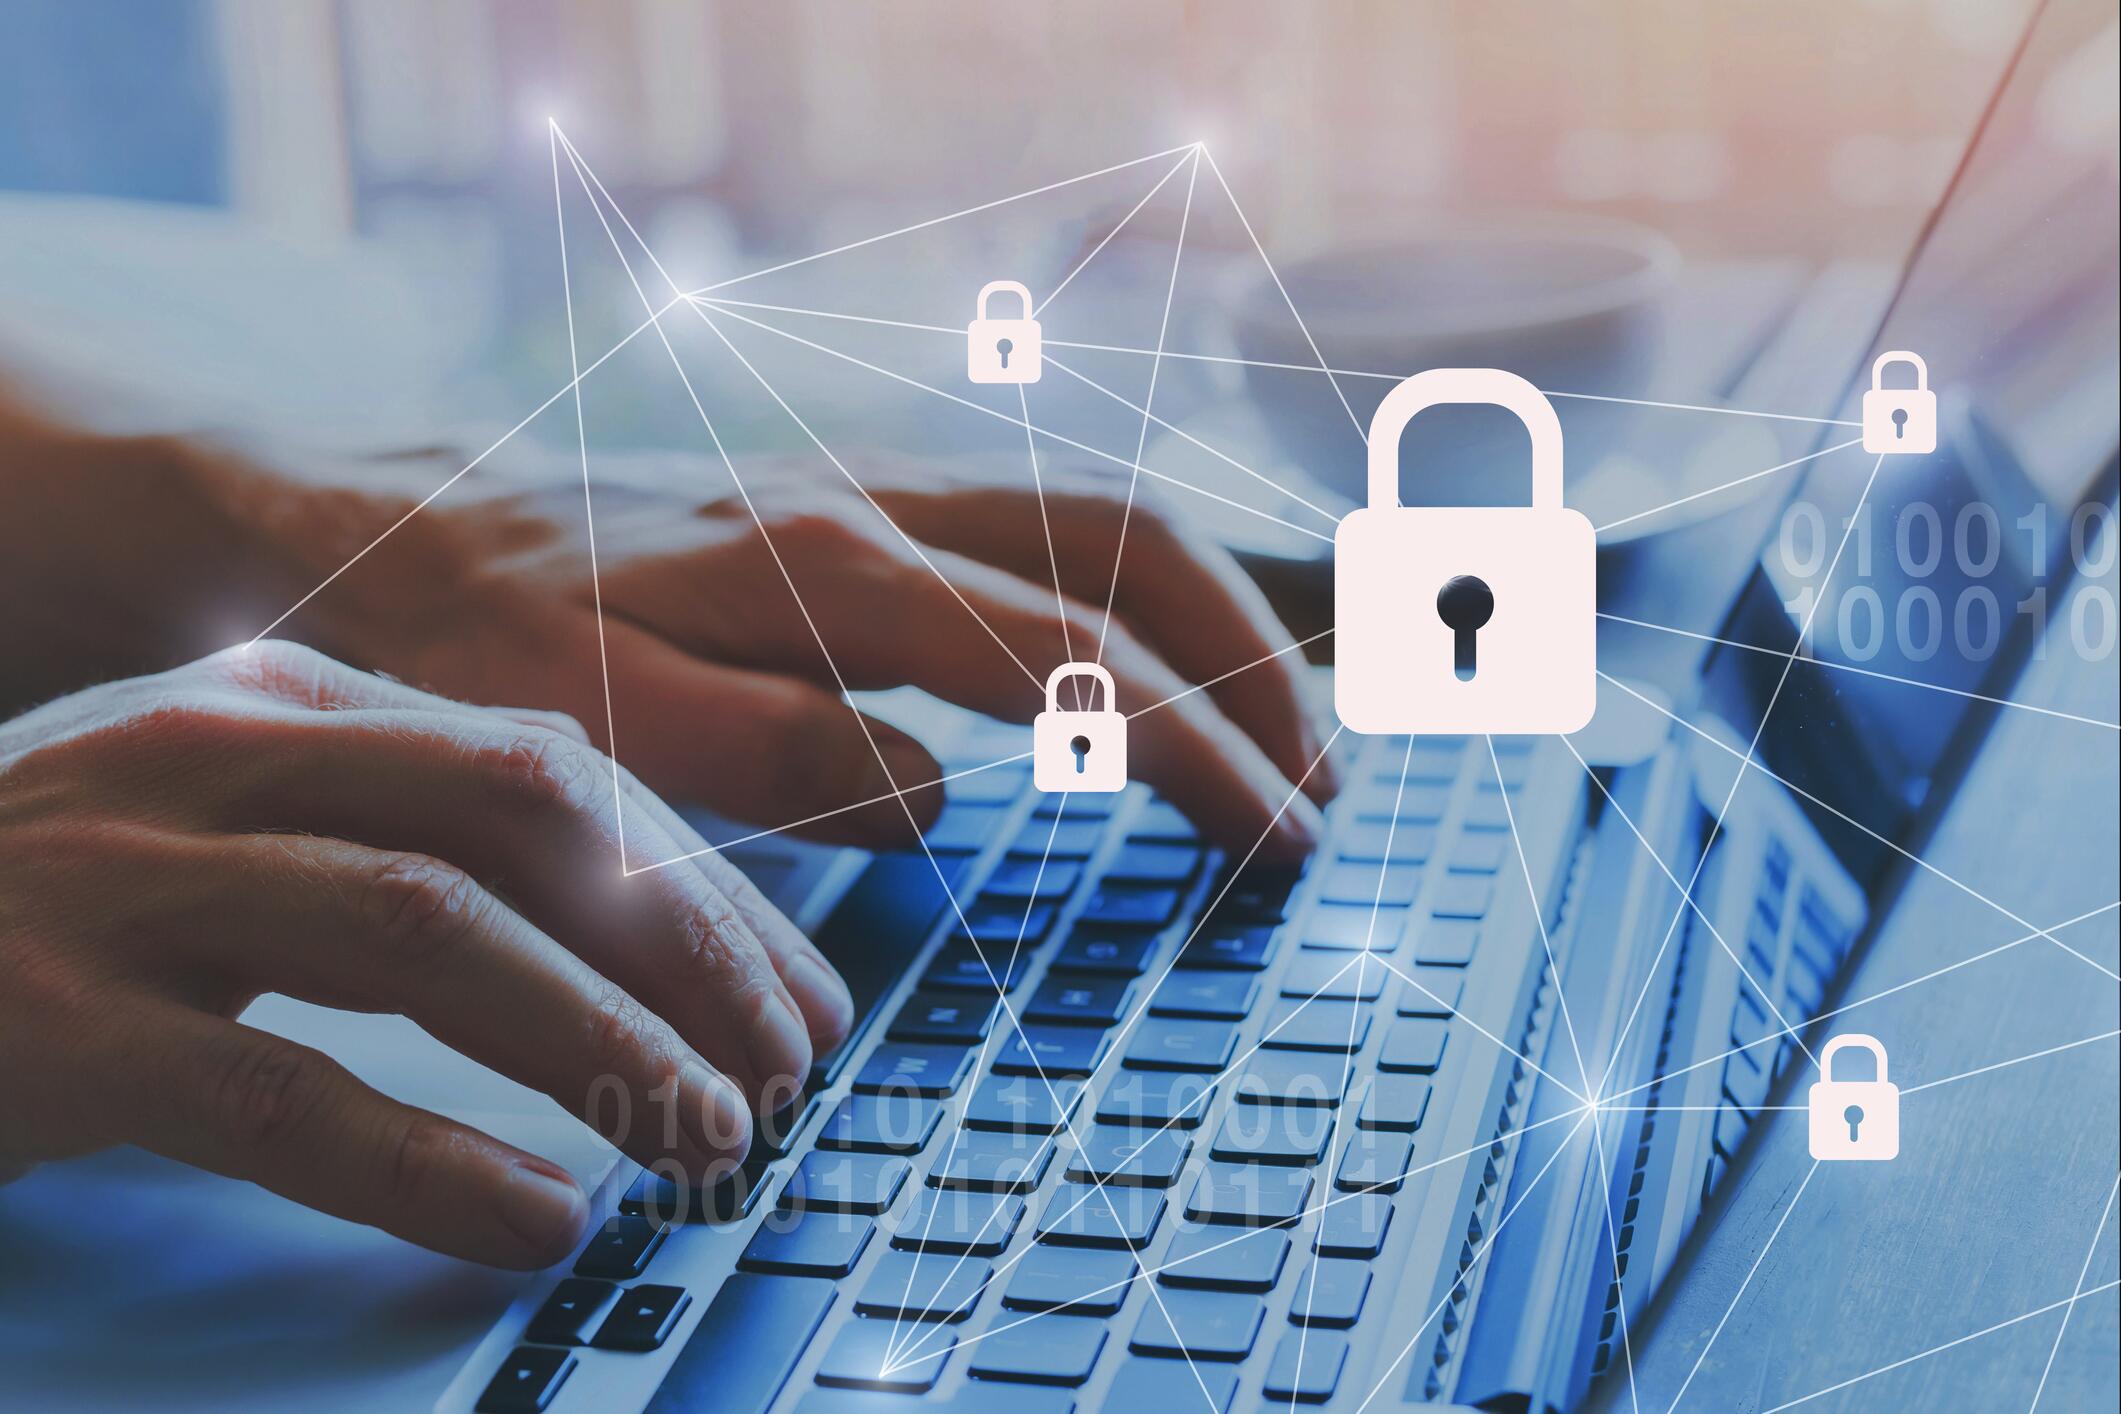 Bild zu datenschutz, privatsphäre, datendiebstahl, rfid-blocker, usb-stick, software, viren, sicherheit